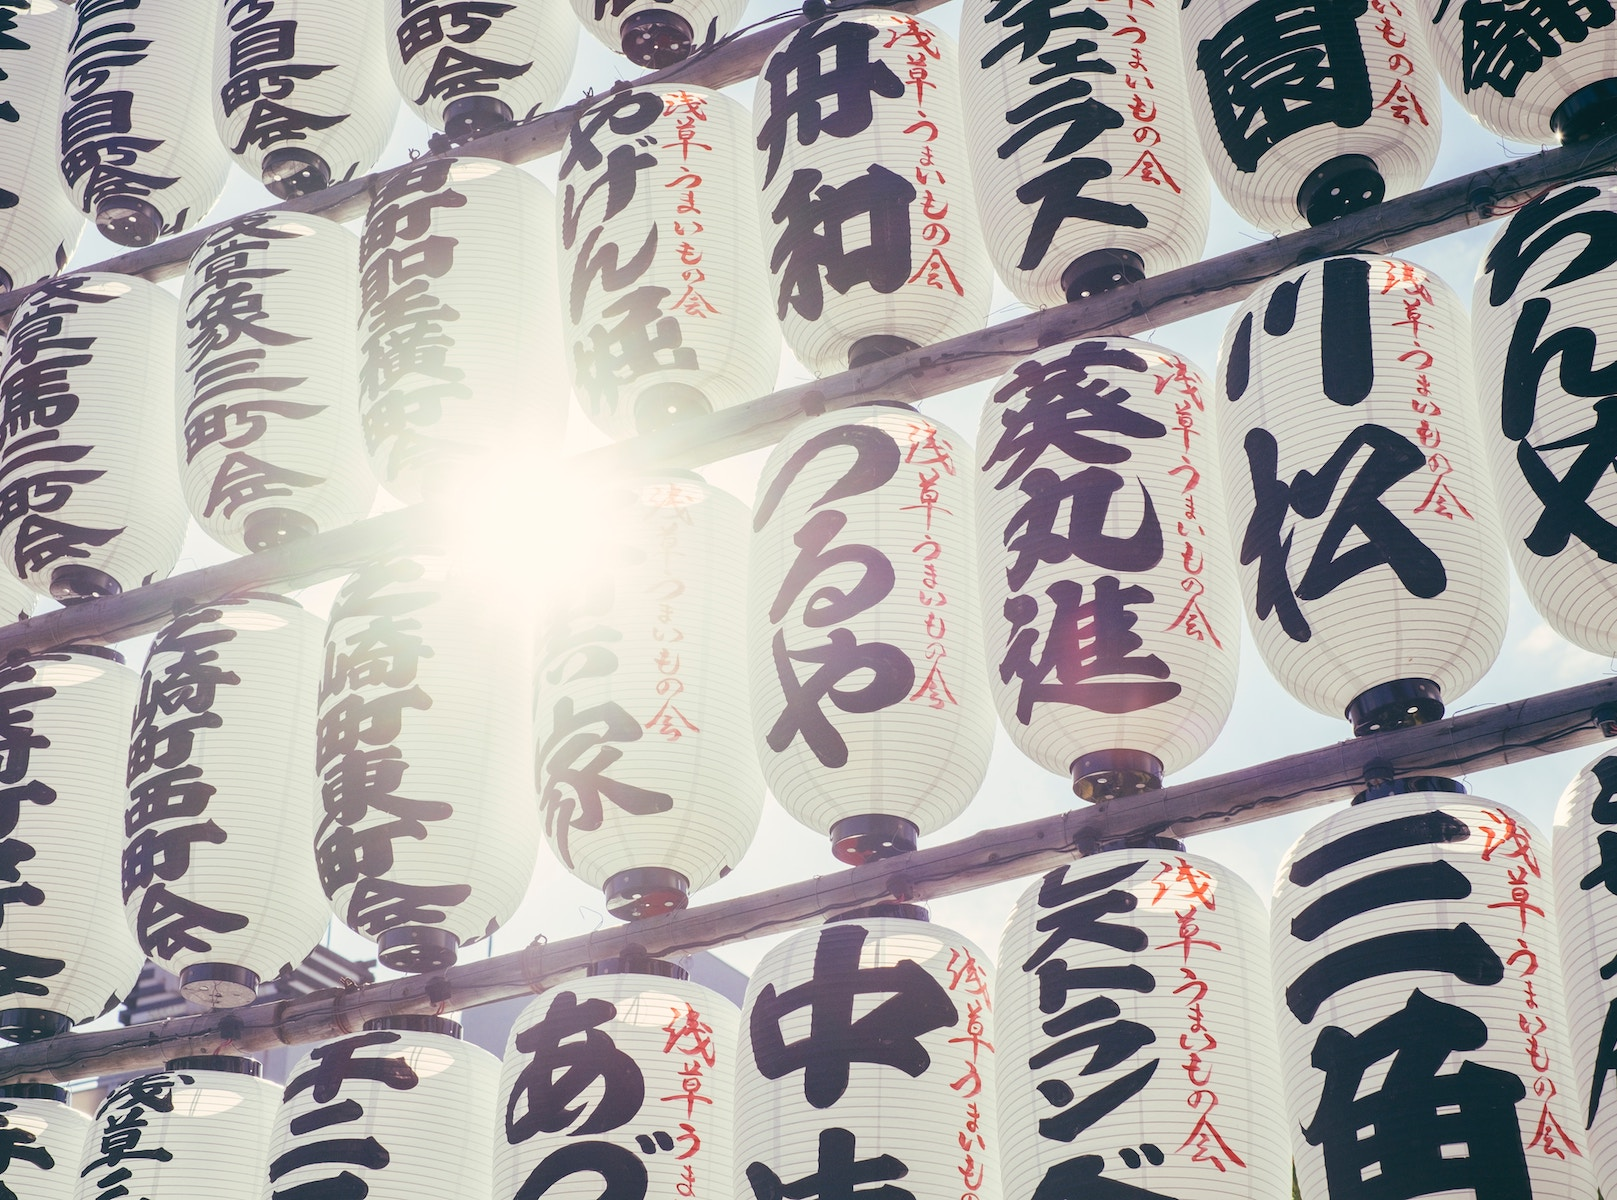 mandarin chinese classes